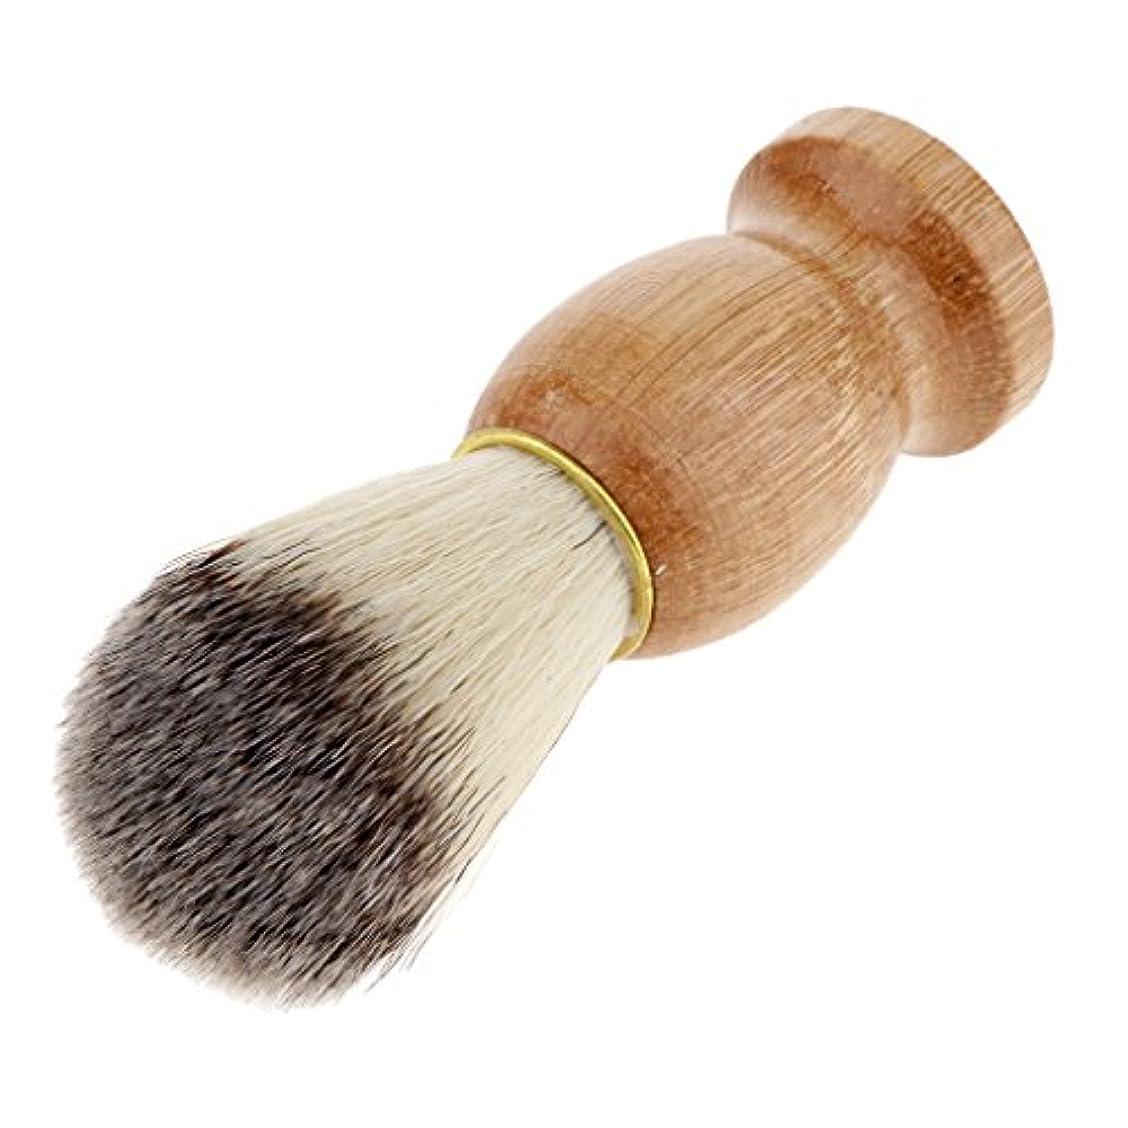 家庭悲劇的な形シェービングブラシ コスメブラシ 木製ハンドル メンズ ひげ剃りブラシ プレゼント